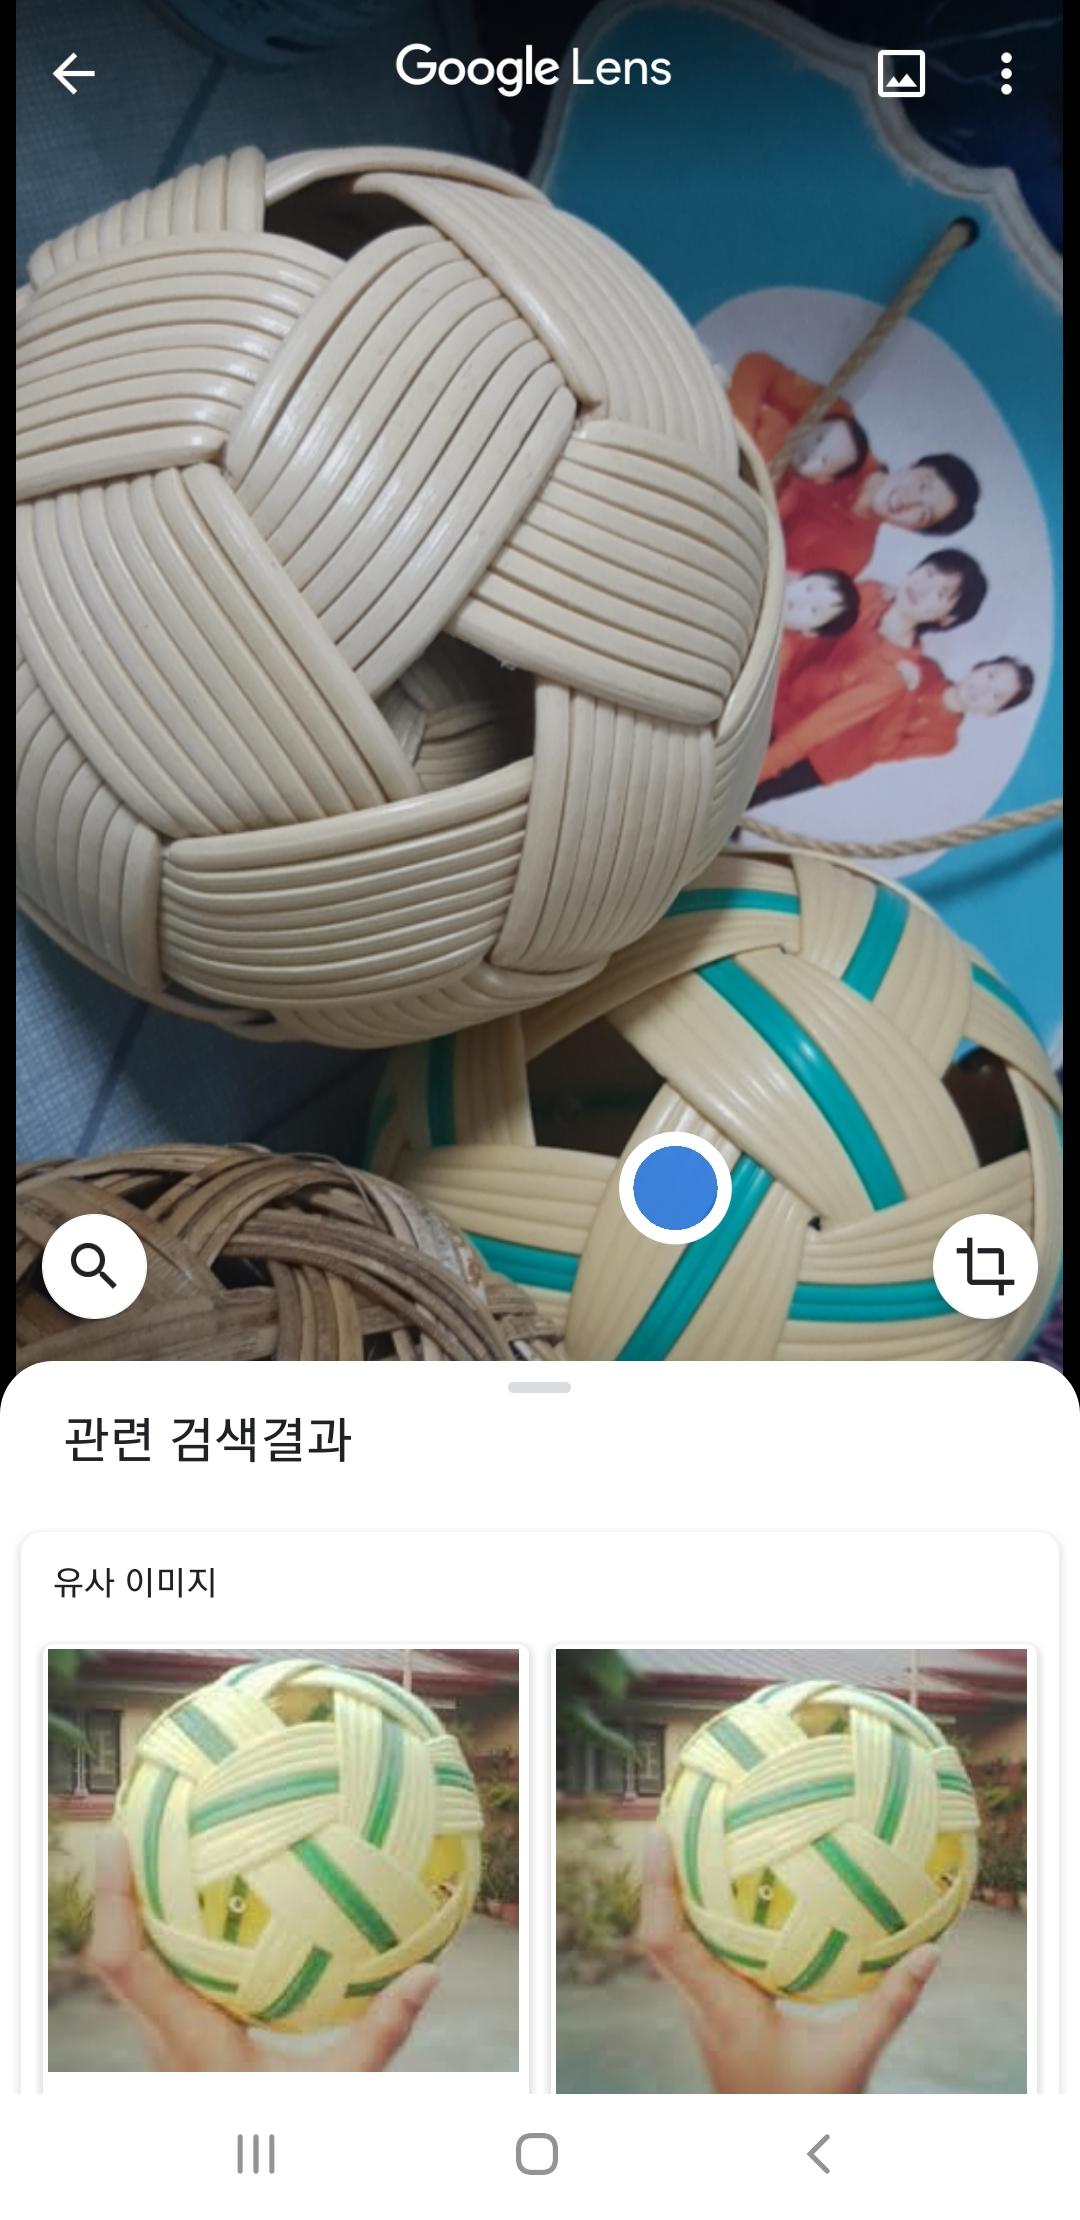 구글 렌즈_Google Lens